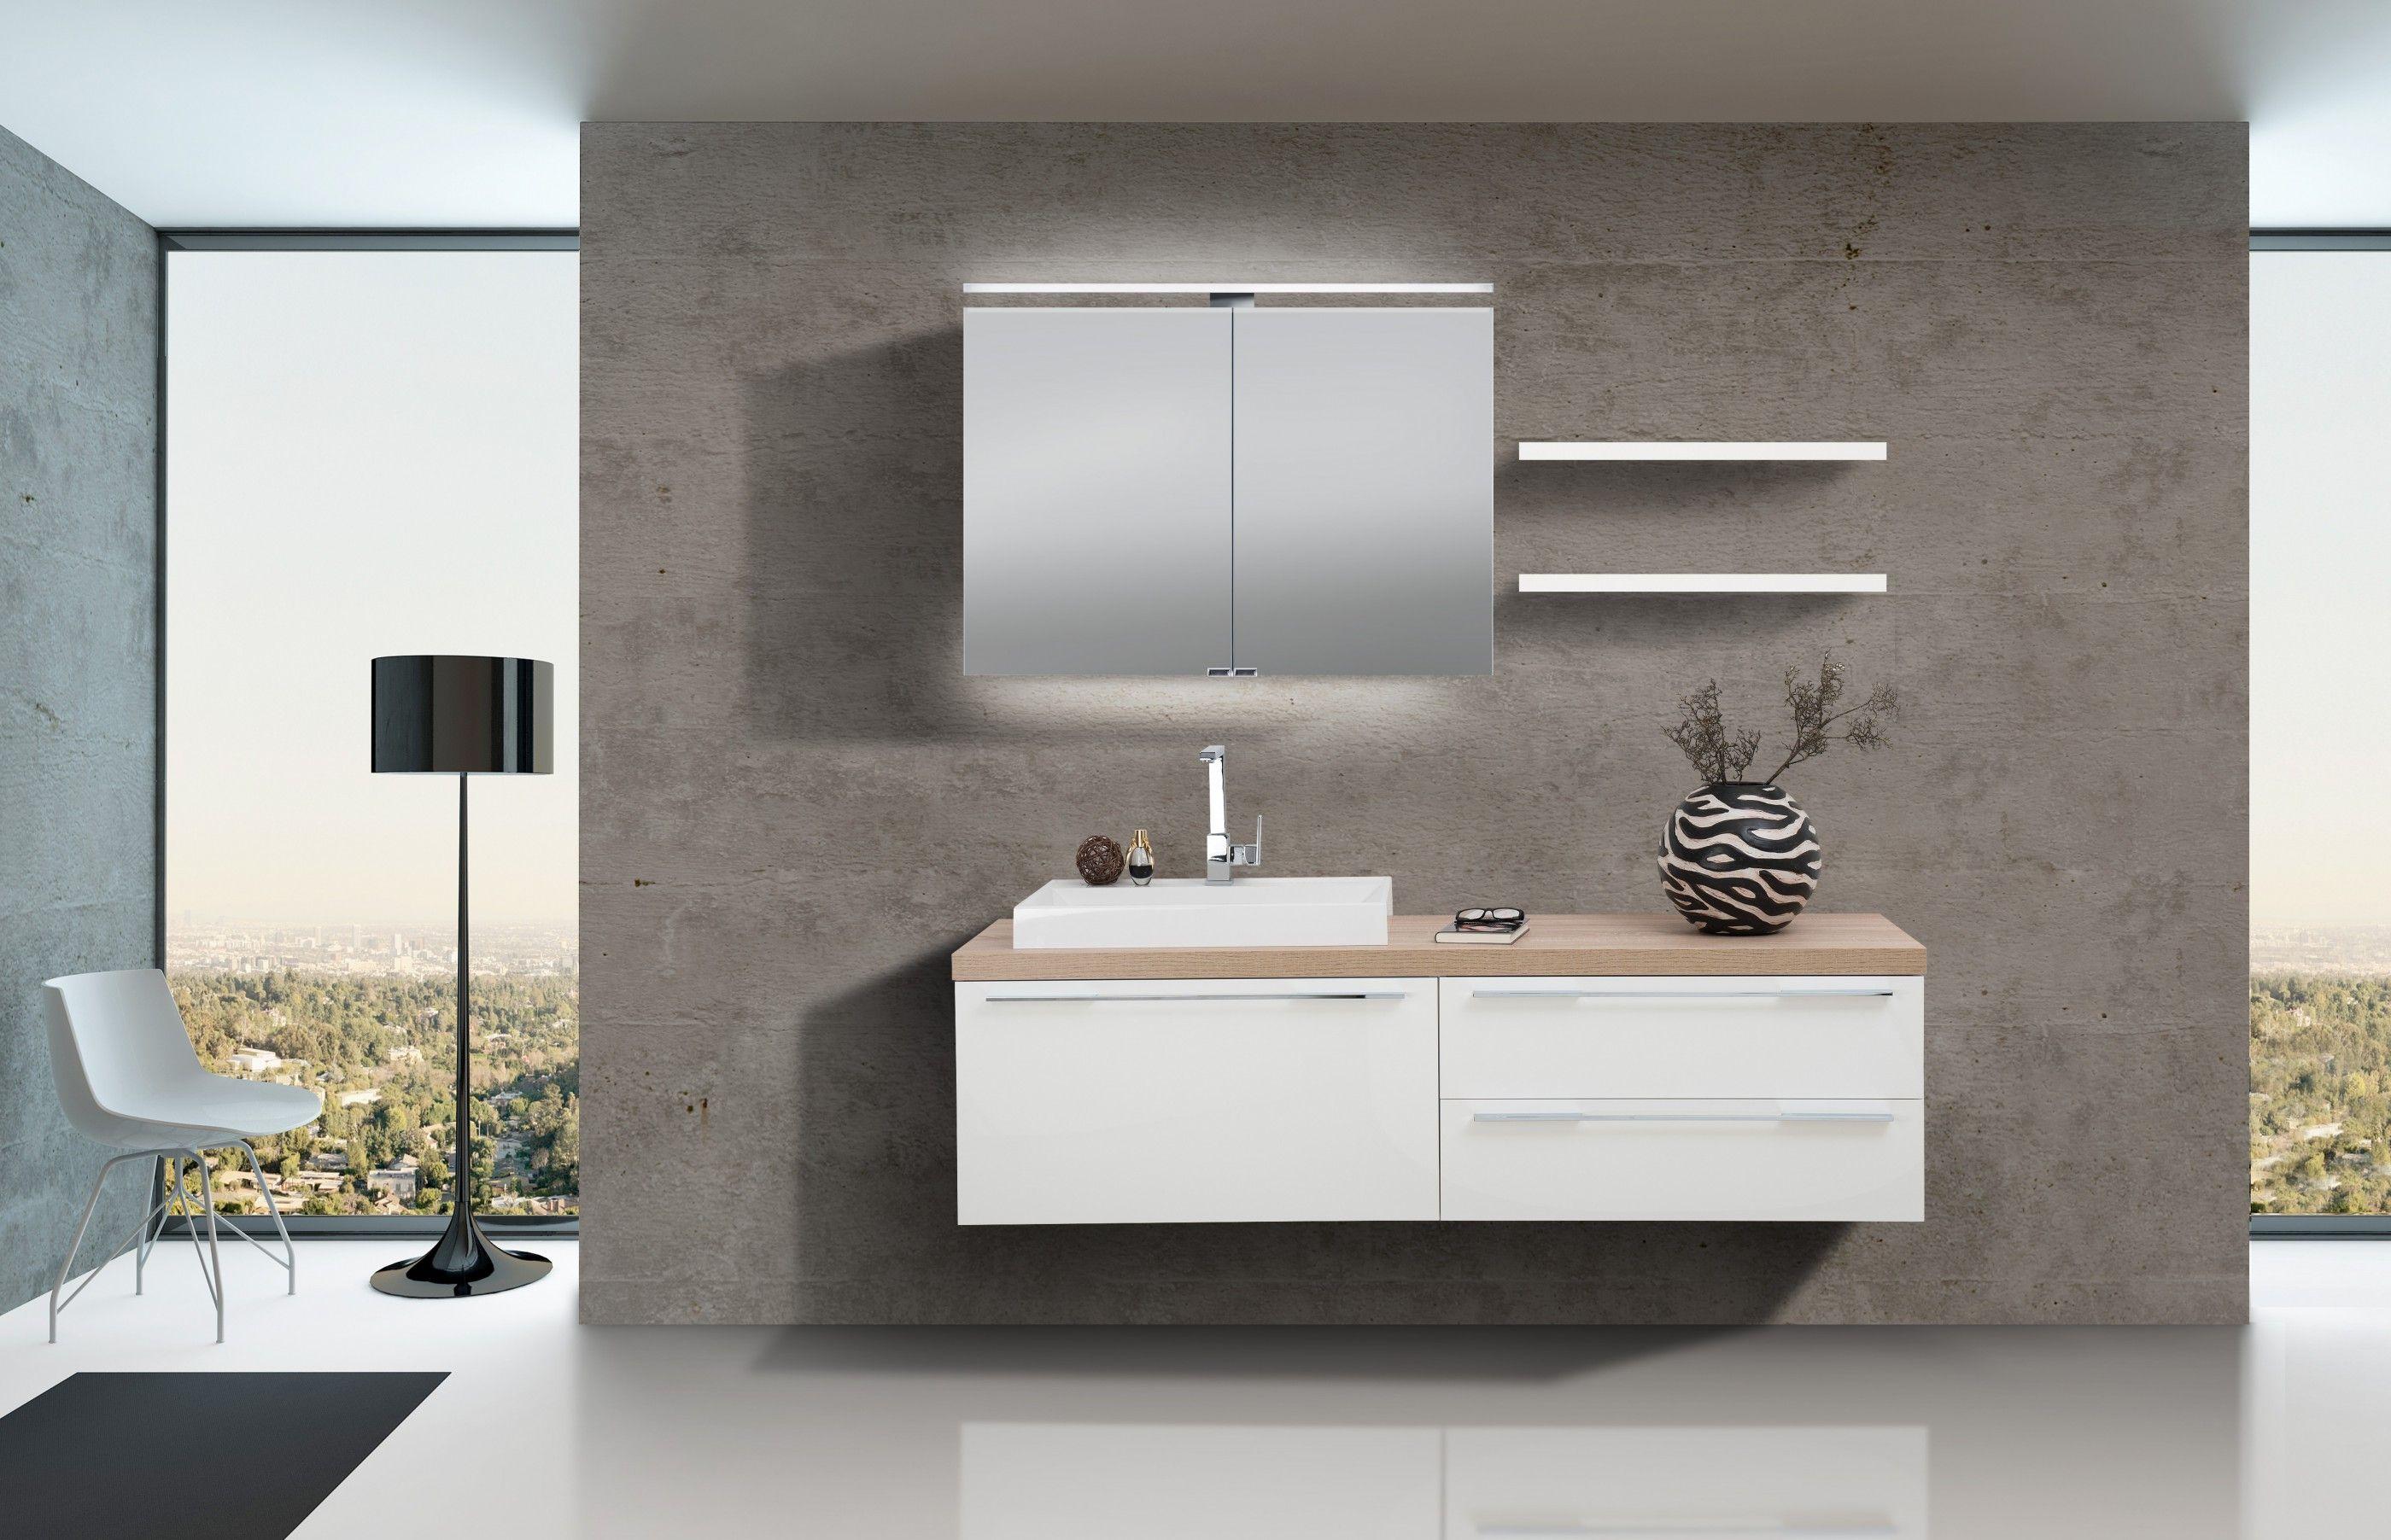 Produktinformationen Badezimmer Set Mit Spiegelschrank Und Waschbecken Luxor Fur Eine Individuelle Planung Des Badm Badezimmer Set Waschbecken Arbeitsflachen